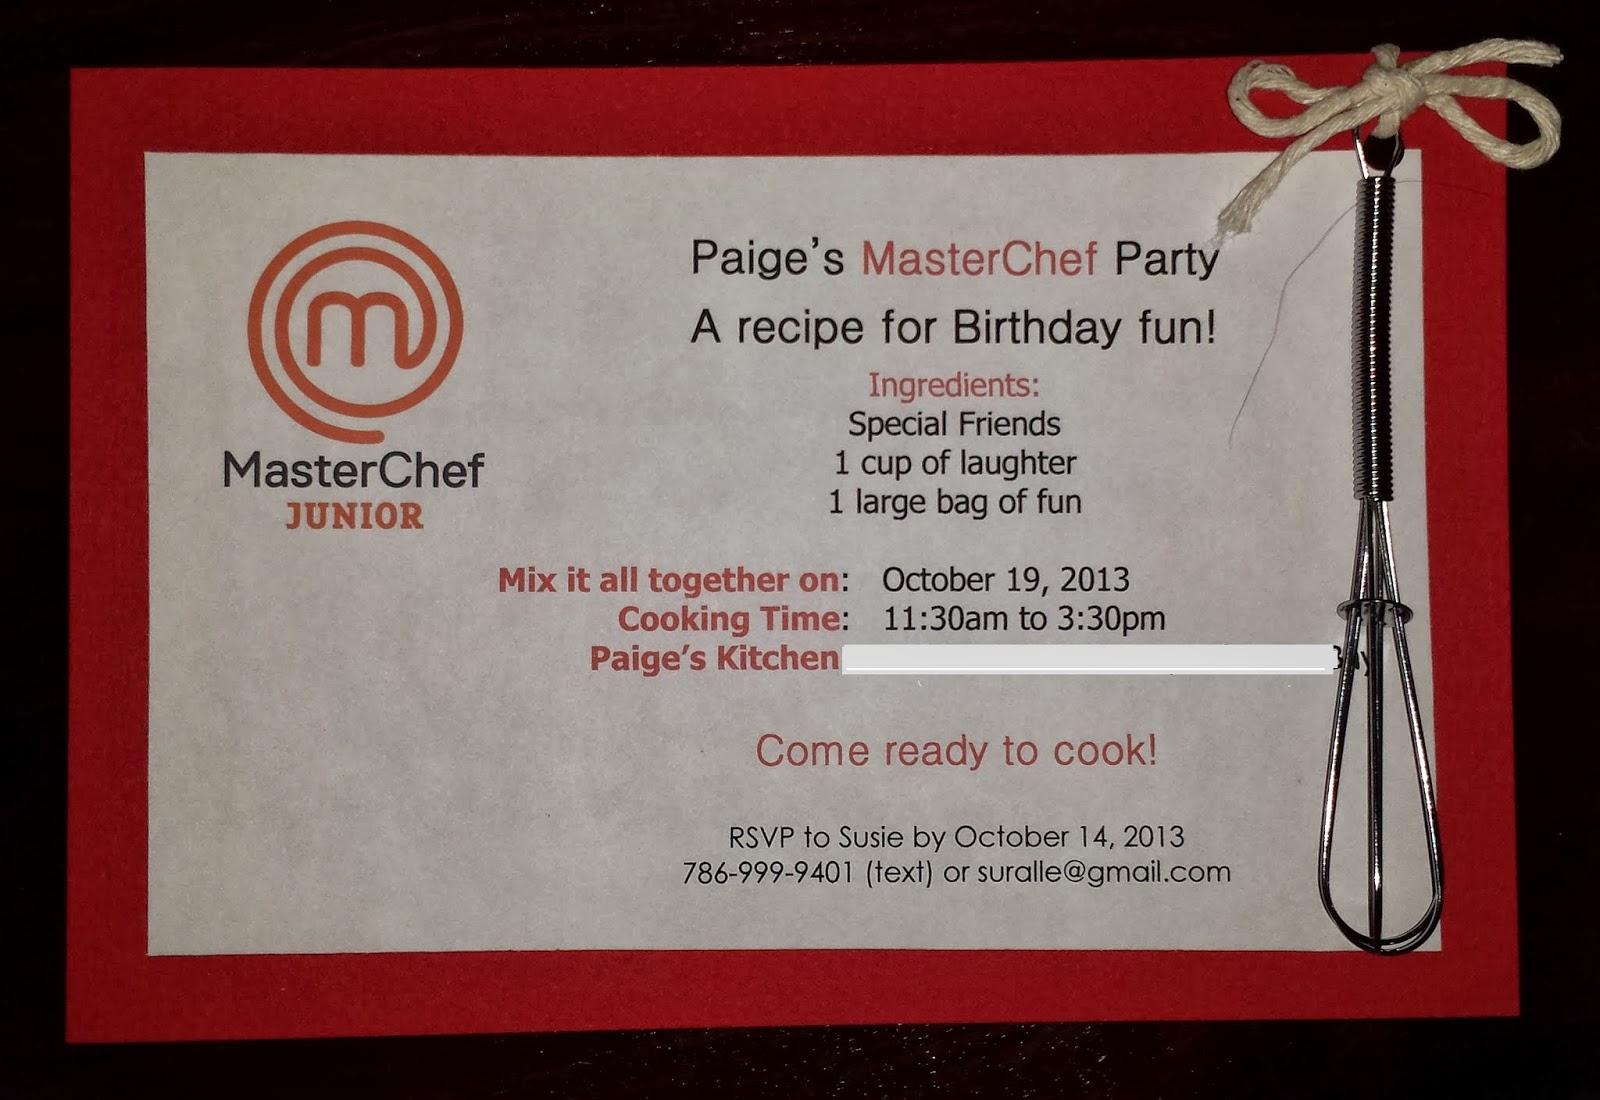 The Artisan Chef Masterchef Birthday Party